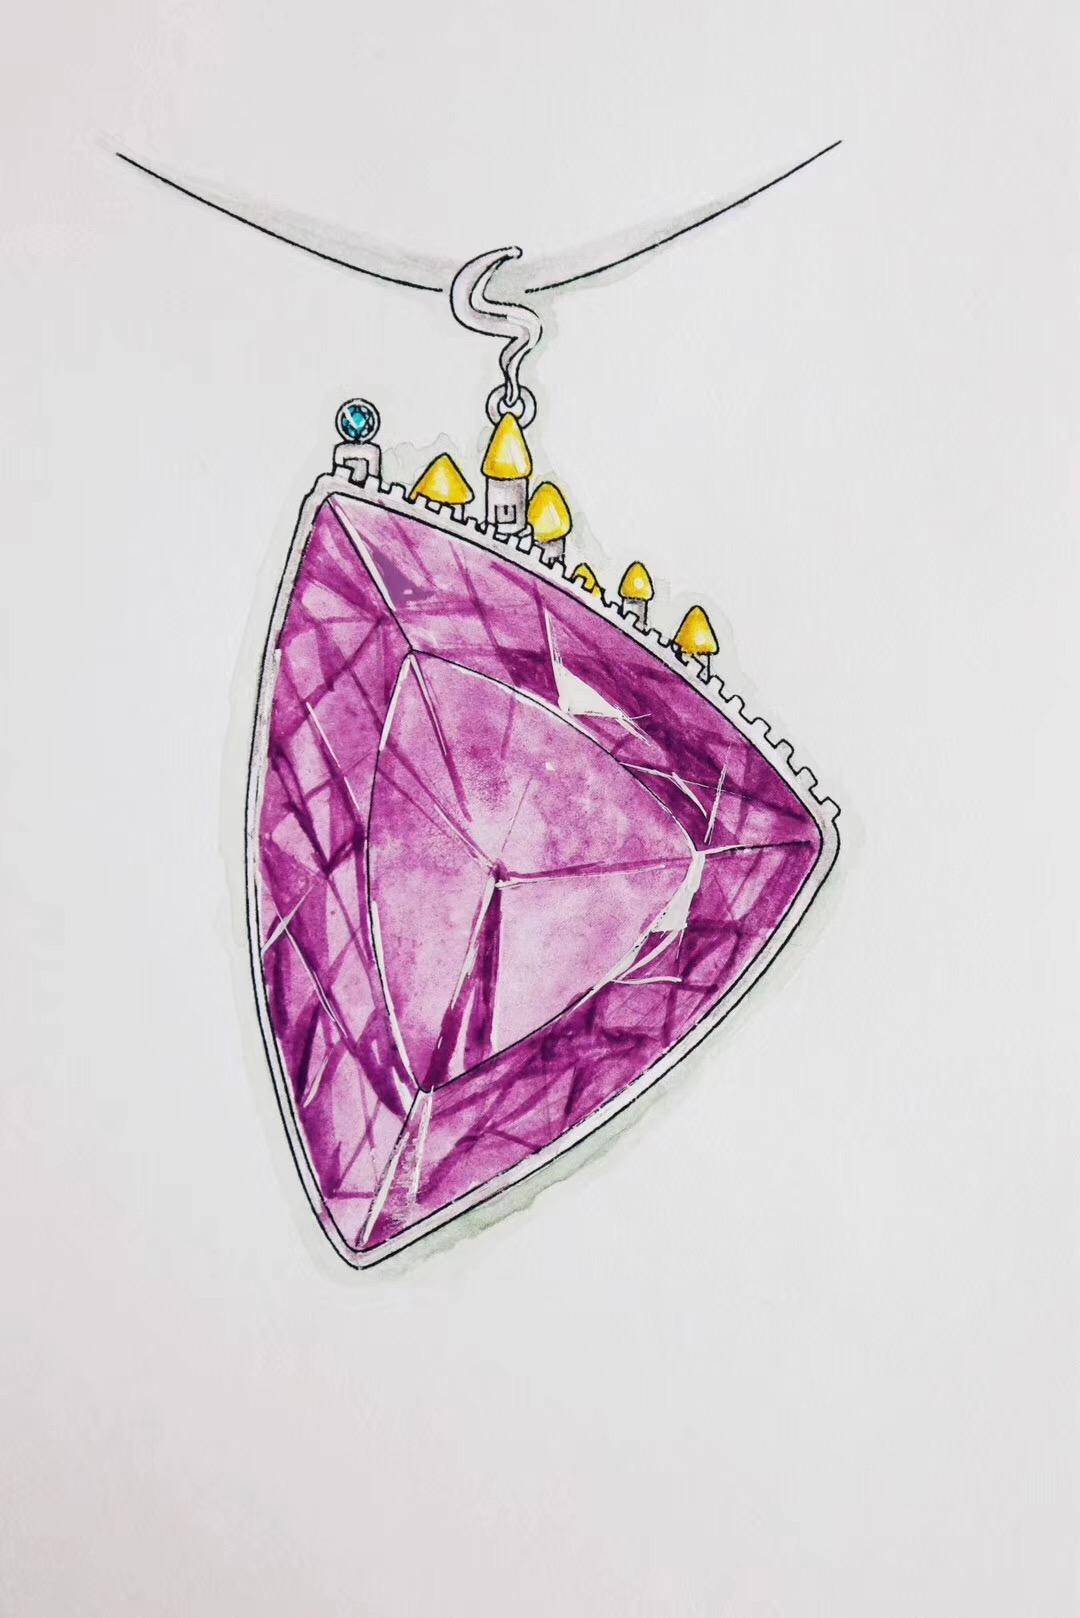 【紫水晶】在城堡里过上了幸福的日子~-菩心晶舍